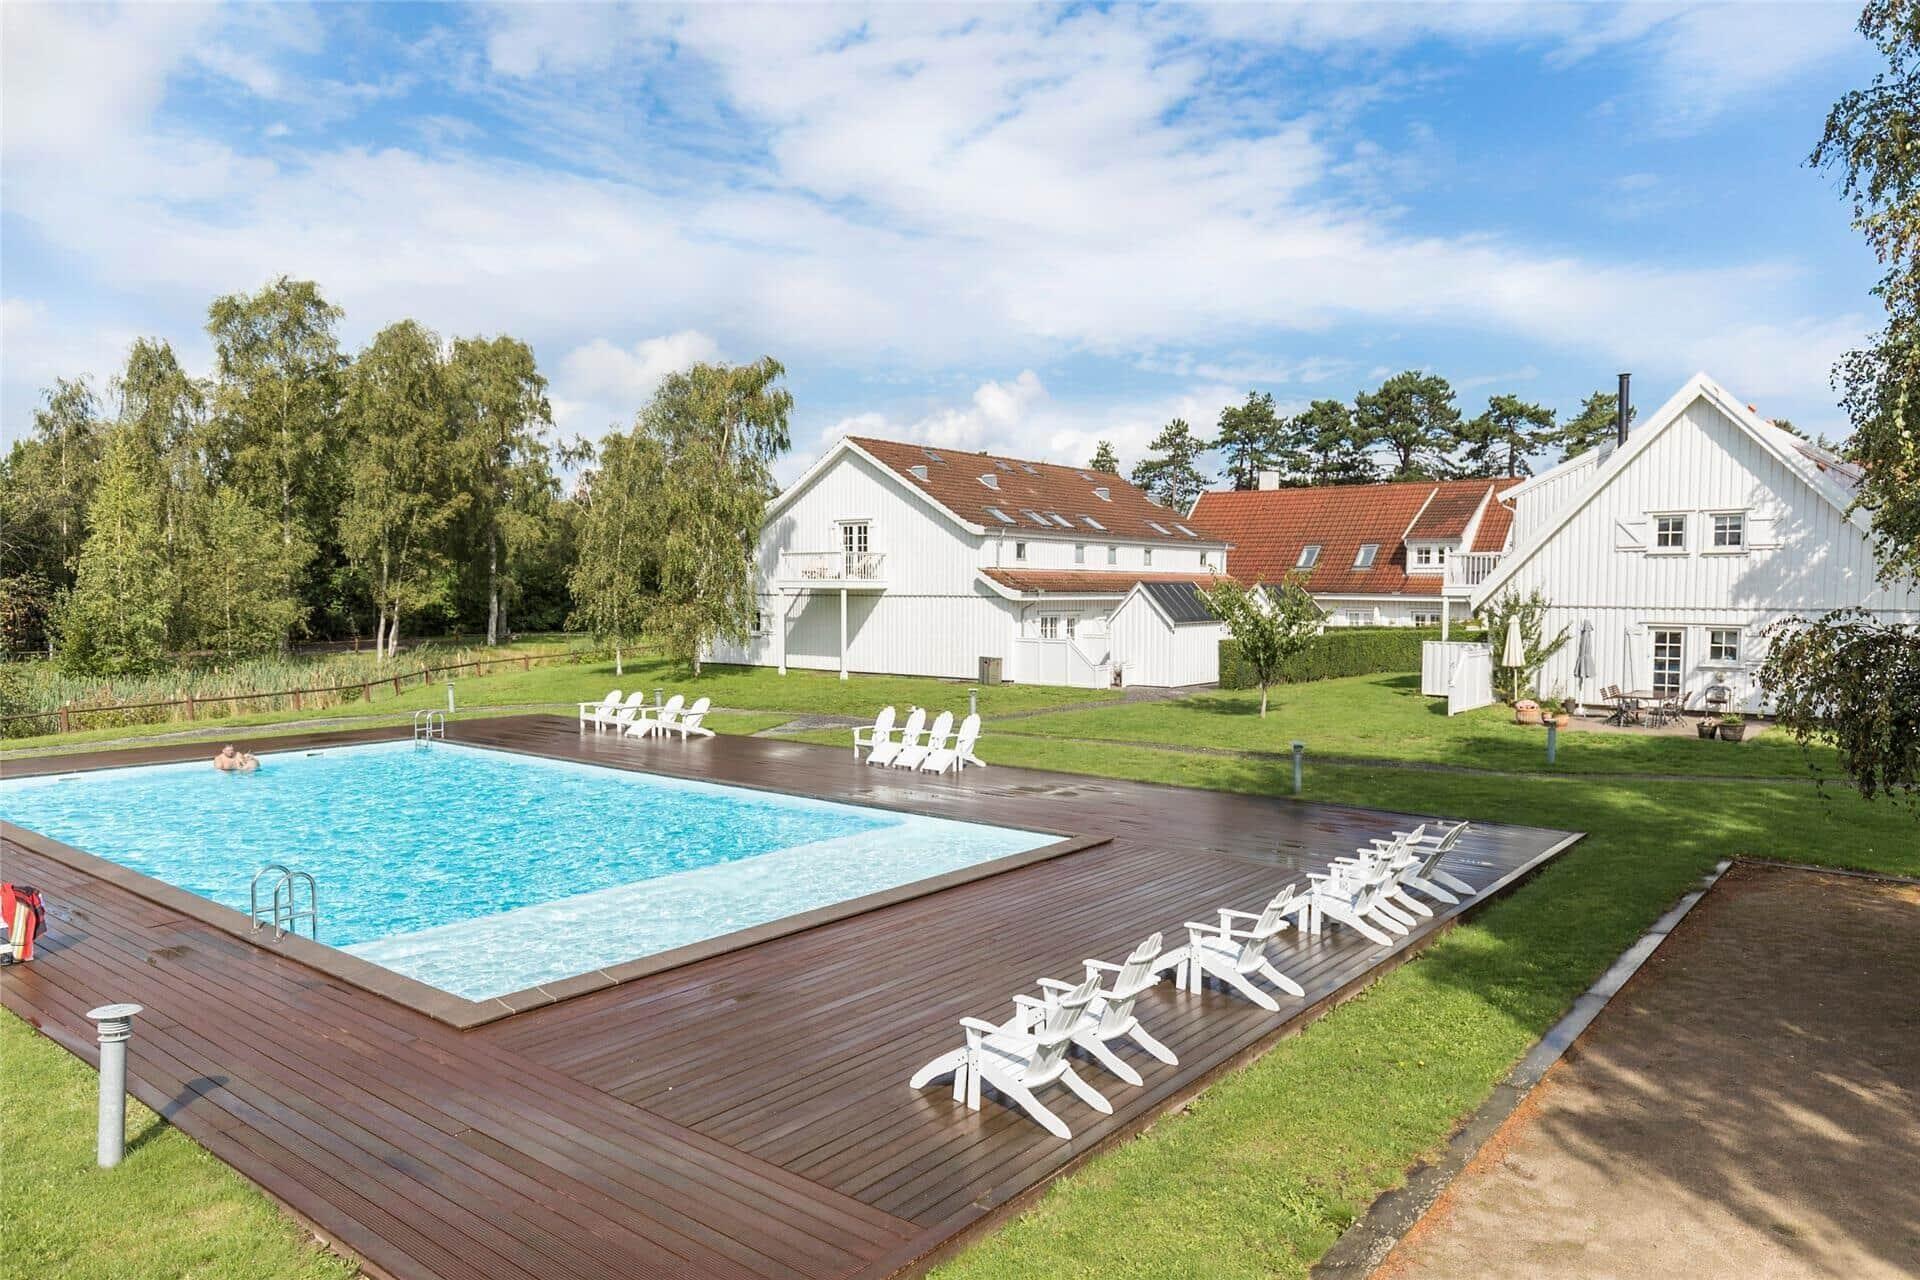 Billede 1-17 Sommerhus 10115, Bystedvej 10, DK - 4500 Nykøbing Sj